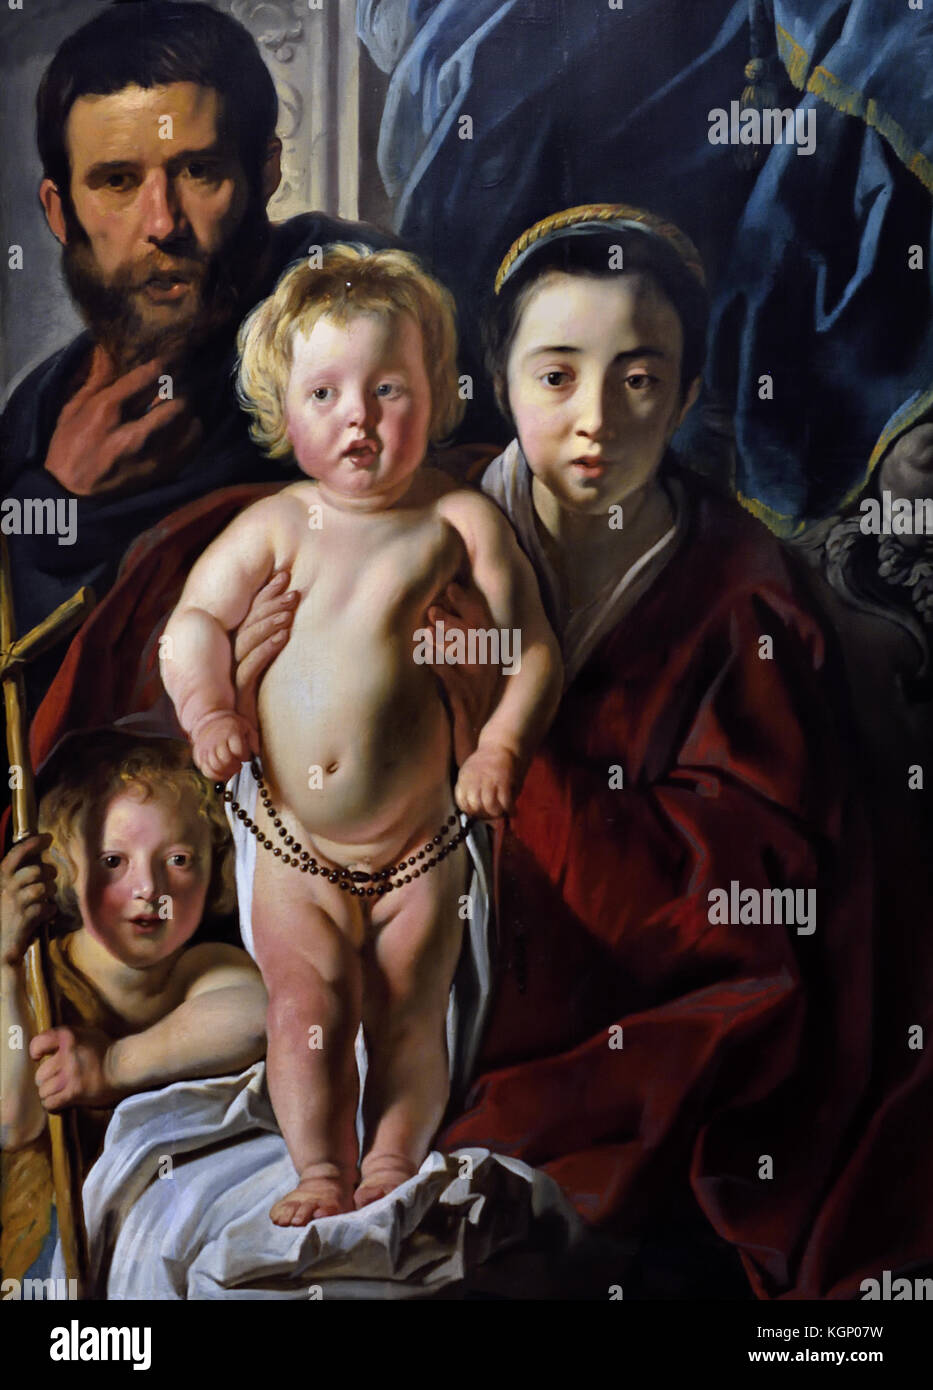 The Holy Family and Saint John the Baptist 1620-5, Jacob Jordaens 1593 - 1678 Jacob (Jacques) Jordaens  1593 –1678 - Stock Image